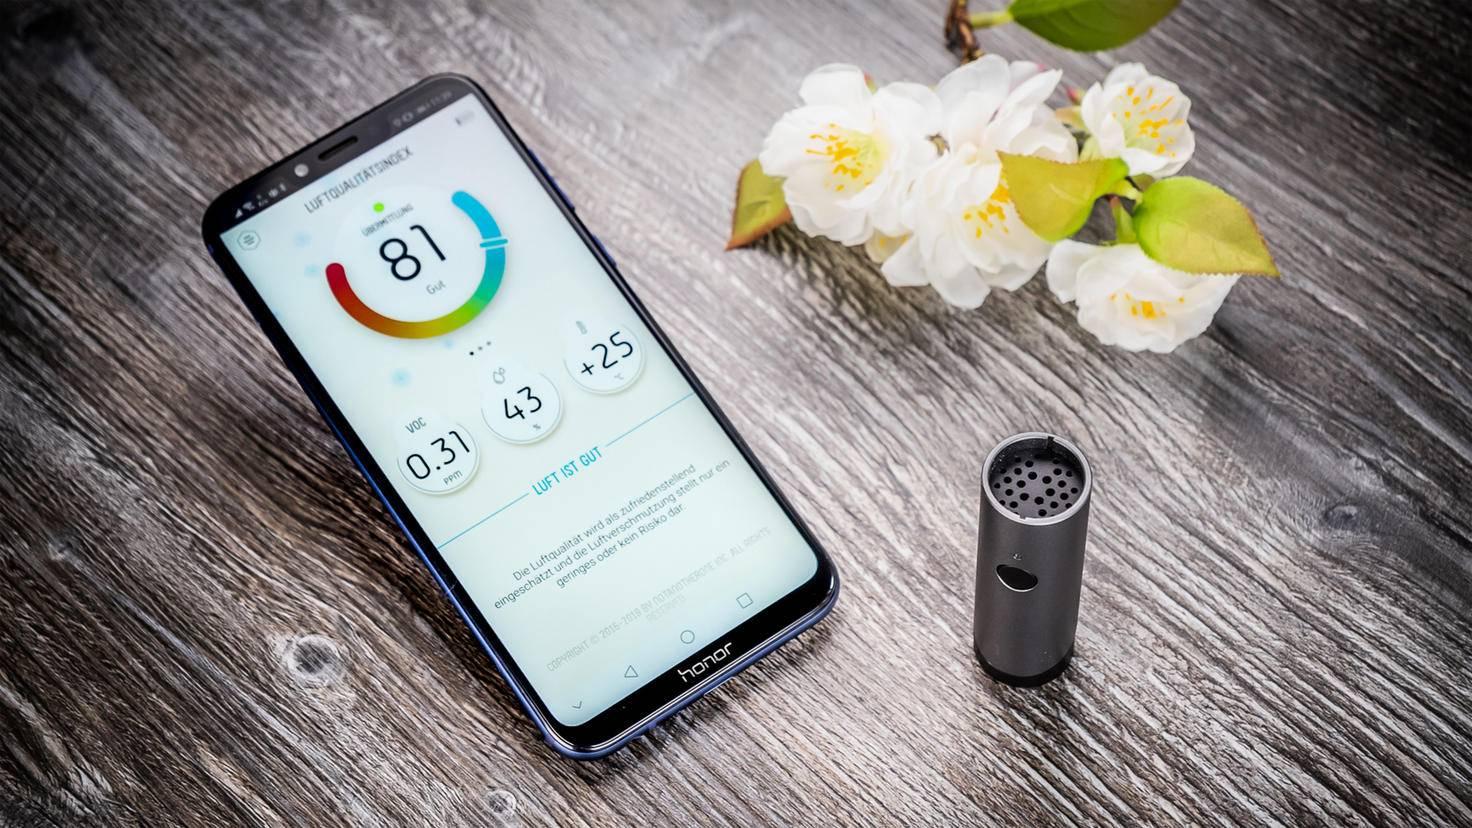 Die genaue Luftqualität lässt sich über die App einsehen.